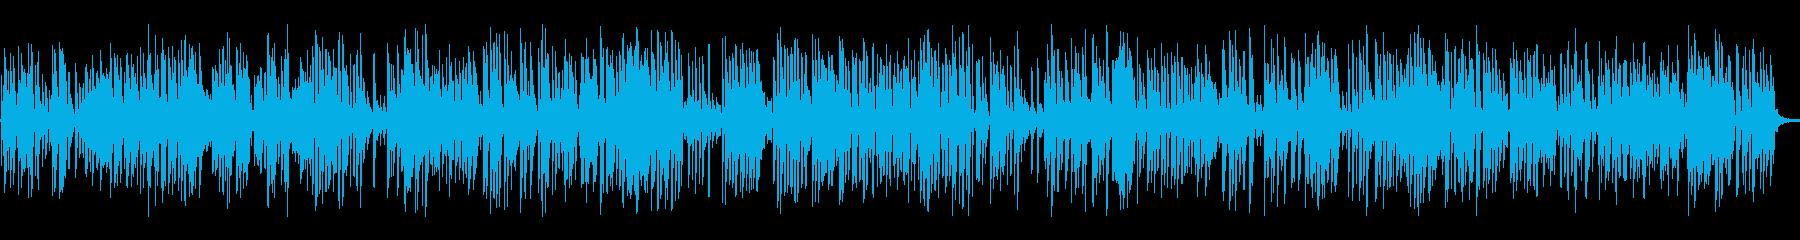 バーで流れるおしゃれなジャズピアノトリオの再生済みの波形